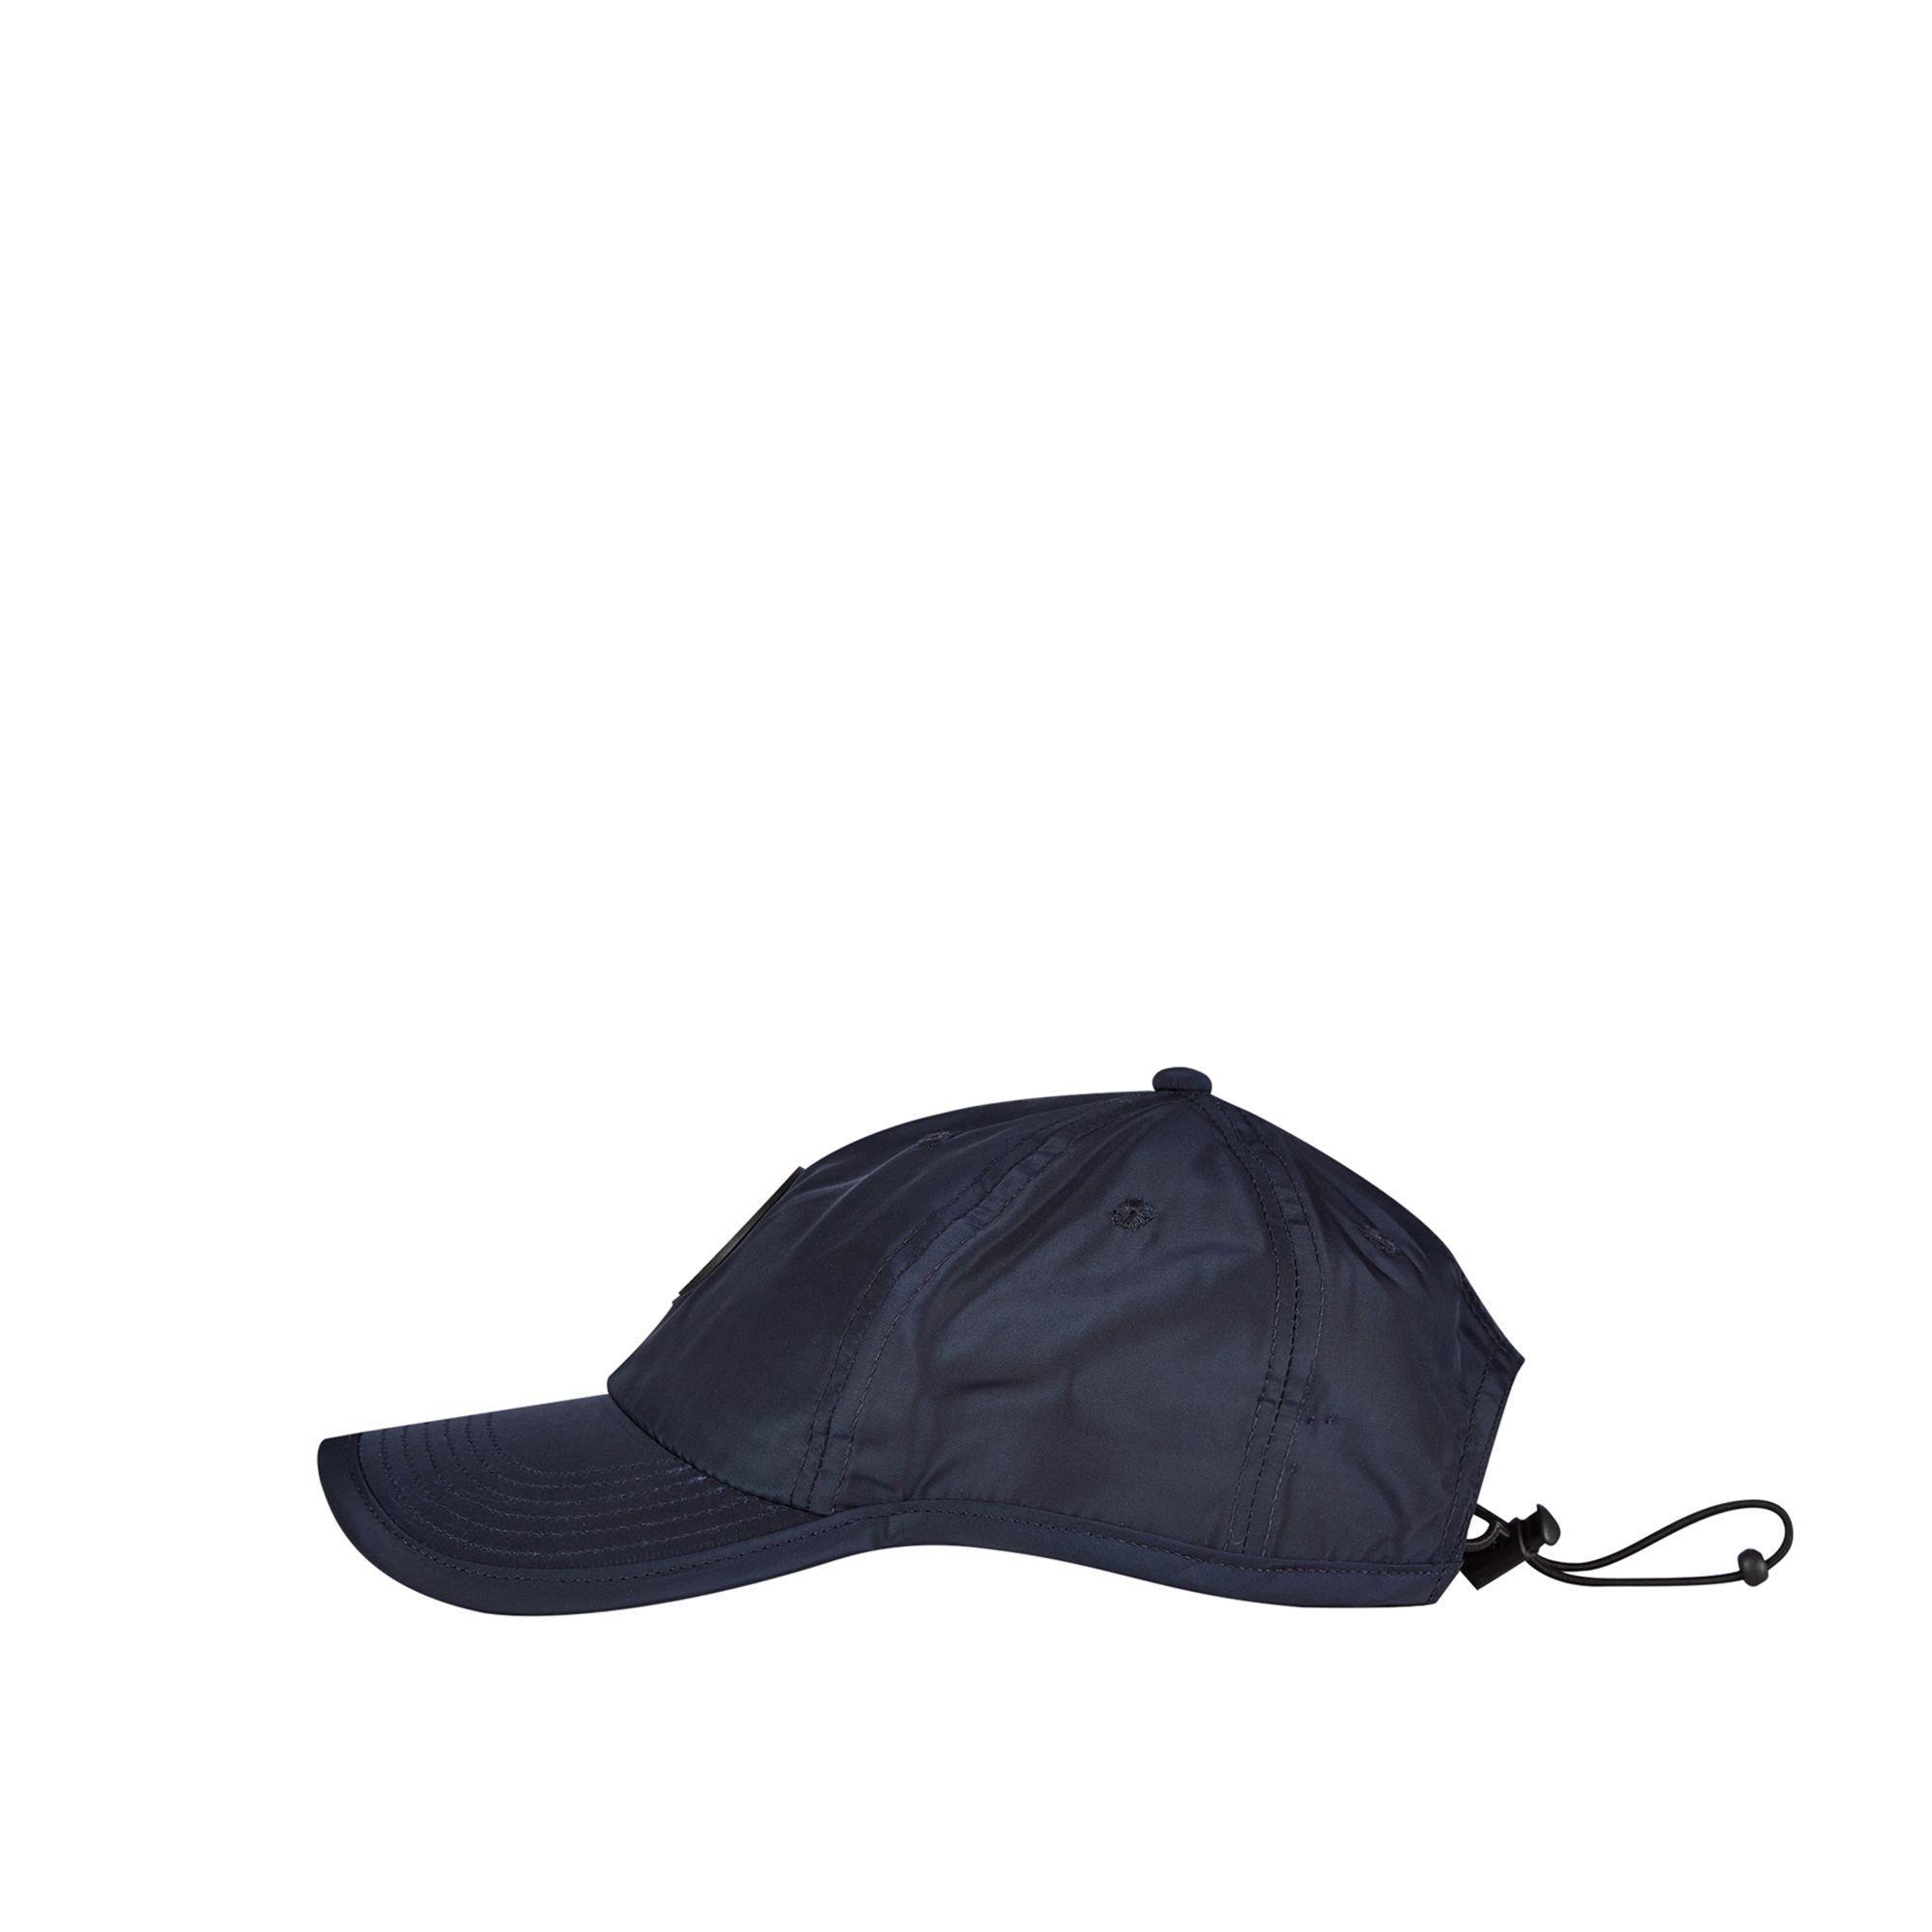 d51b3fe5 Burton Blue Nylon Badge Cap in Black for Men - Lyst